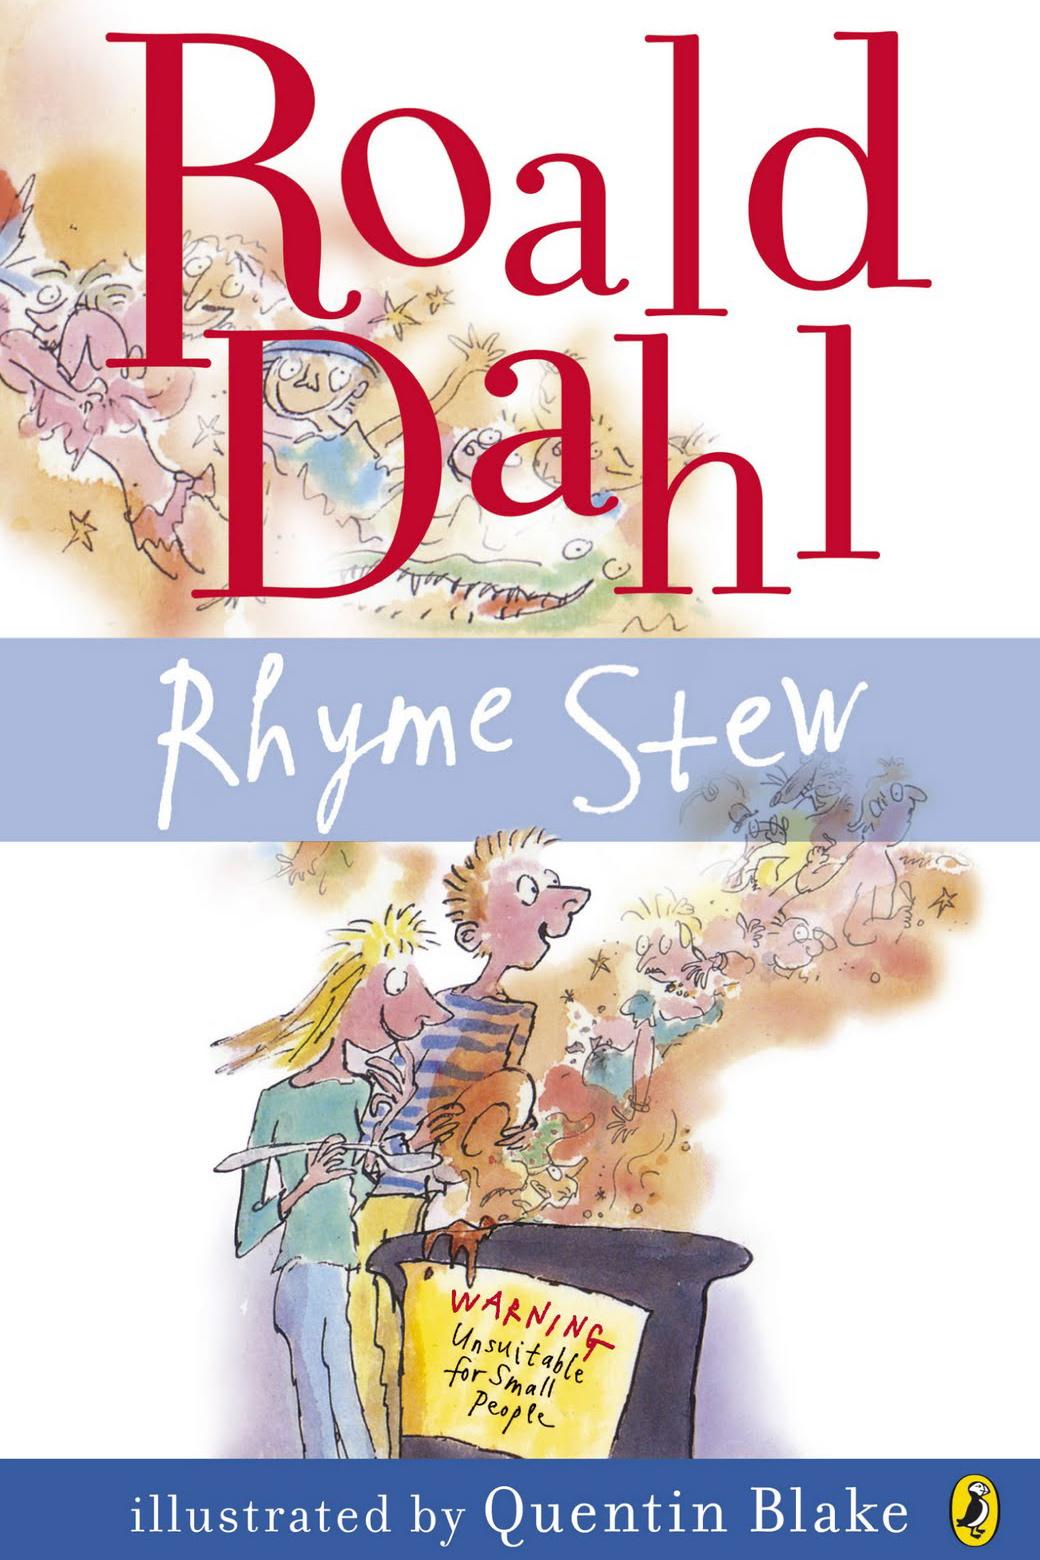 Roald Dahl | Rhyme Stew.jpg